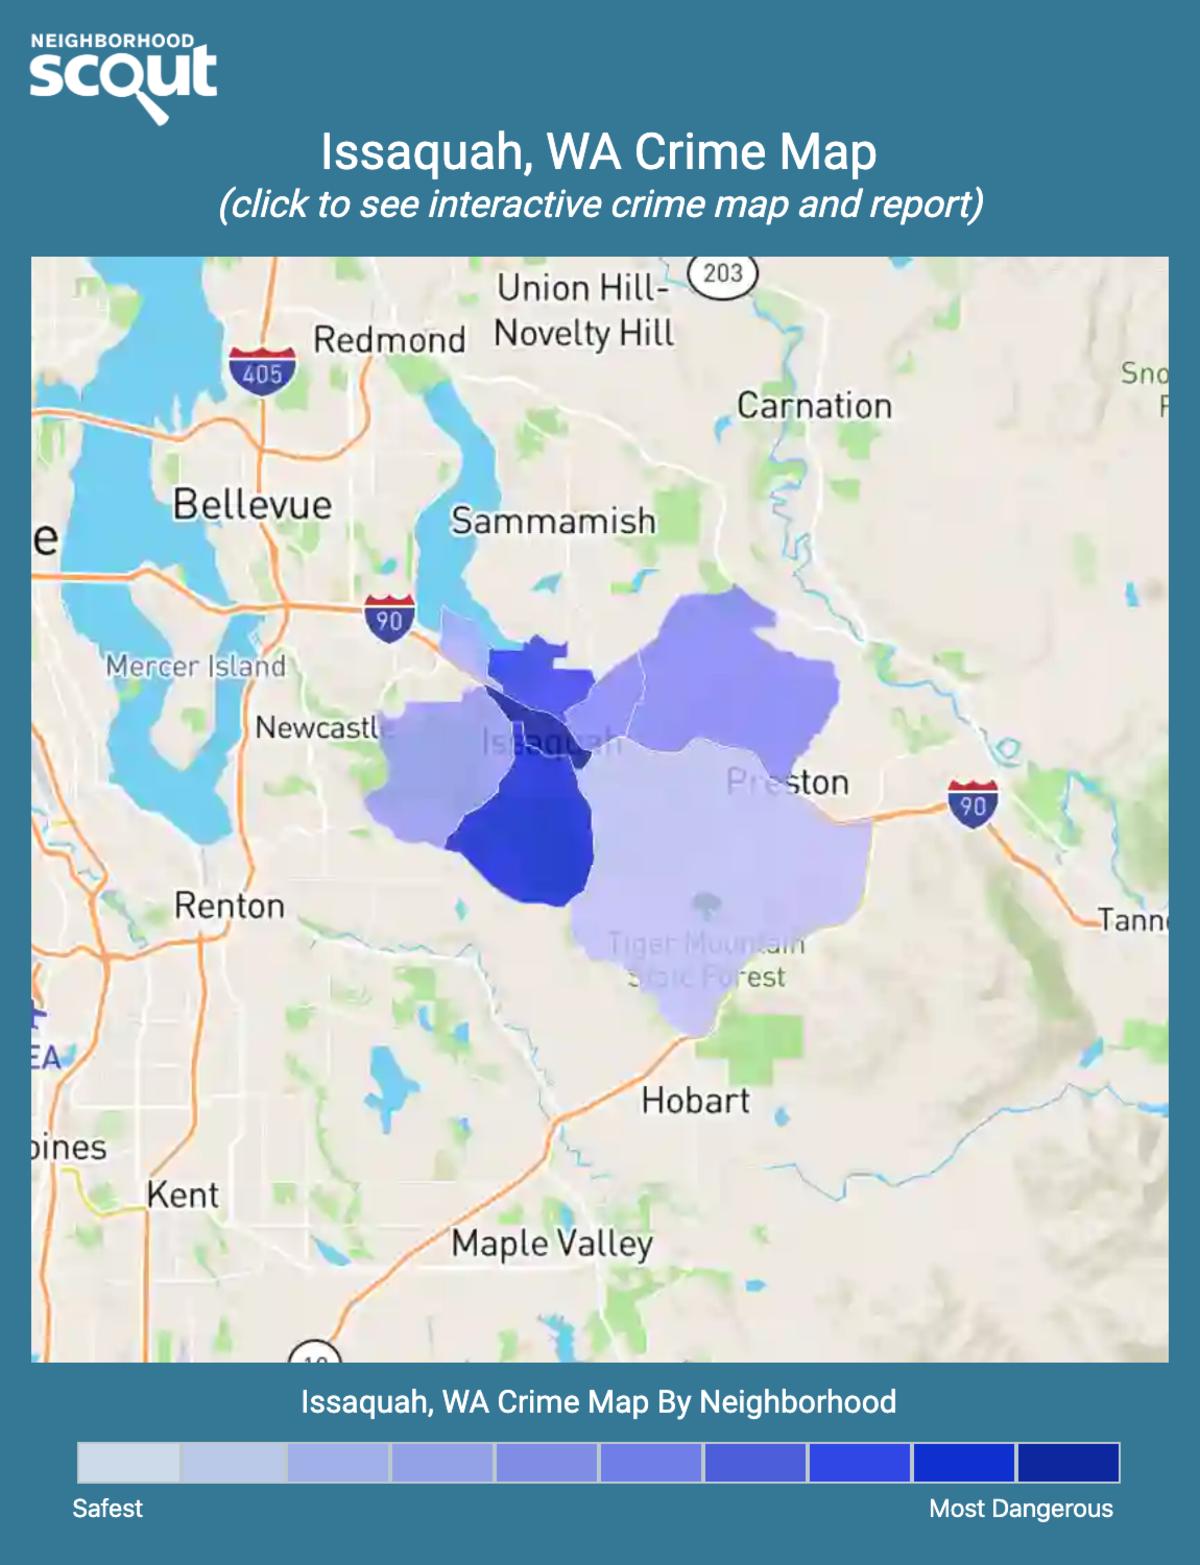 Issaquah, Washington crime map